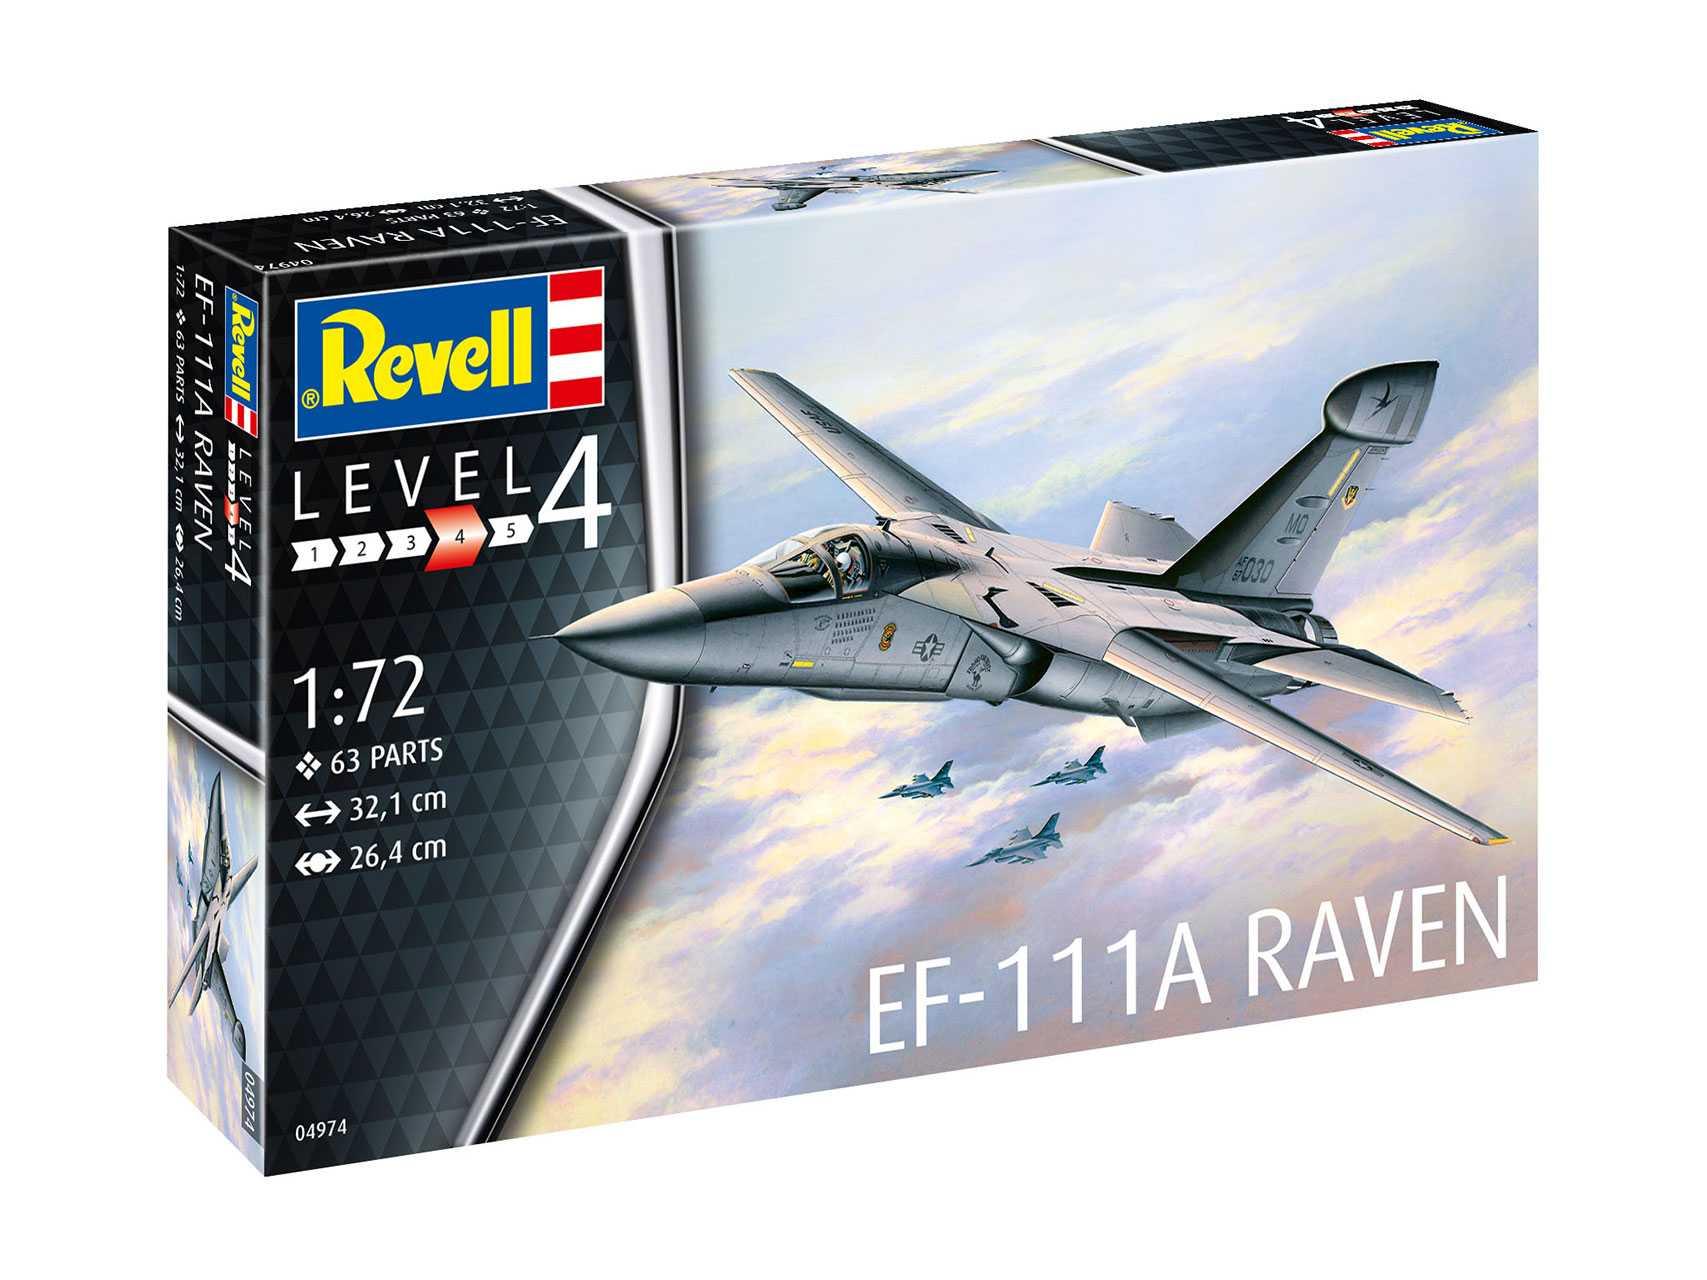 1:72 General Dynamics EF-111A Raven